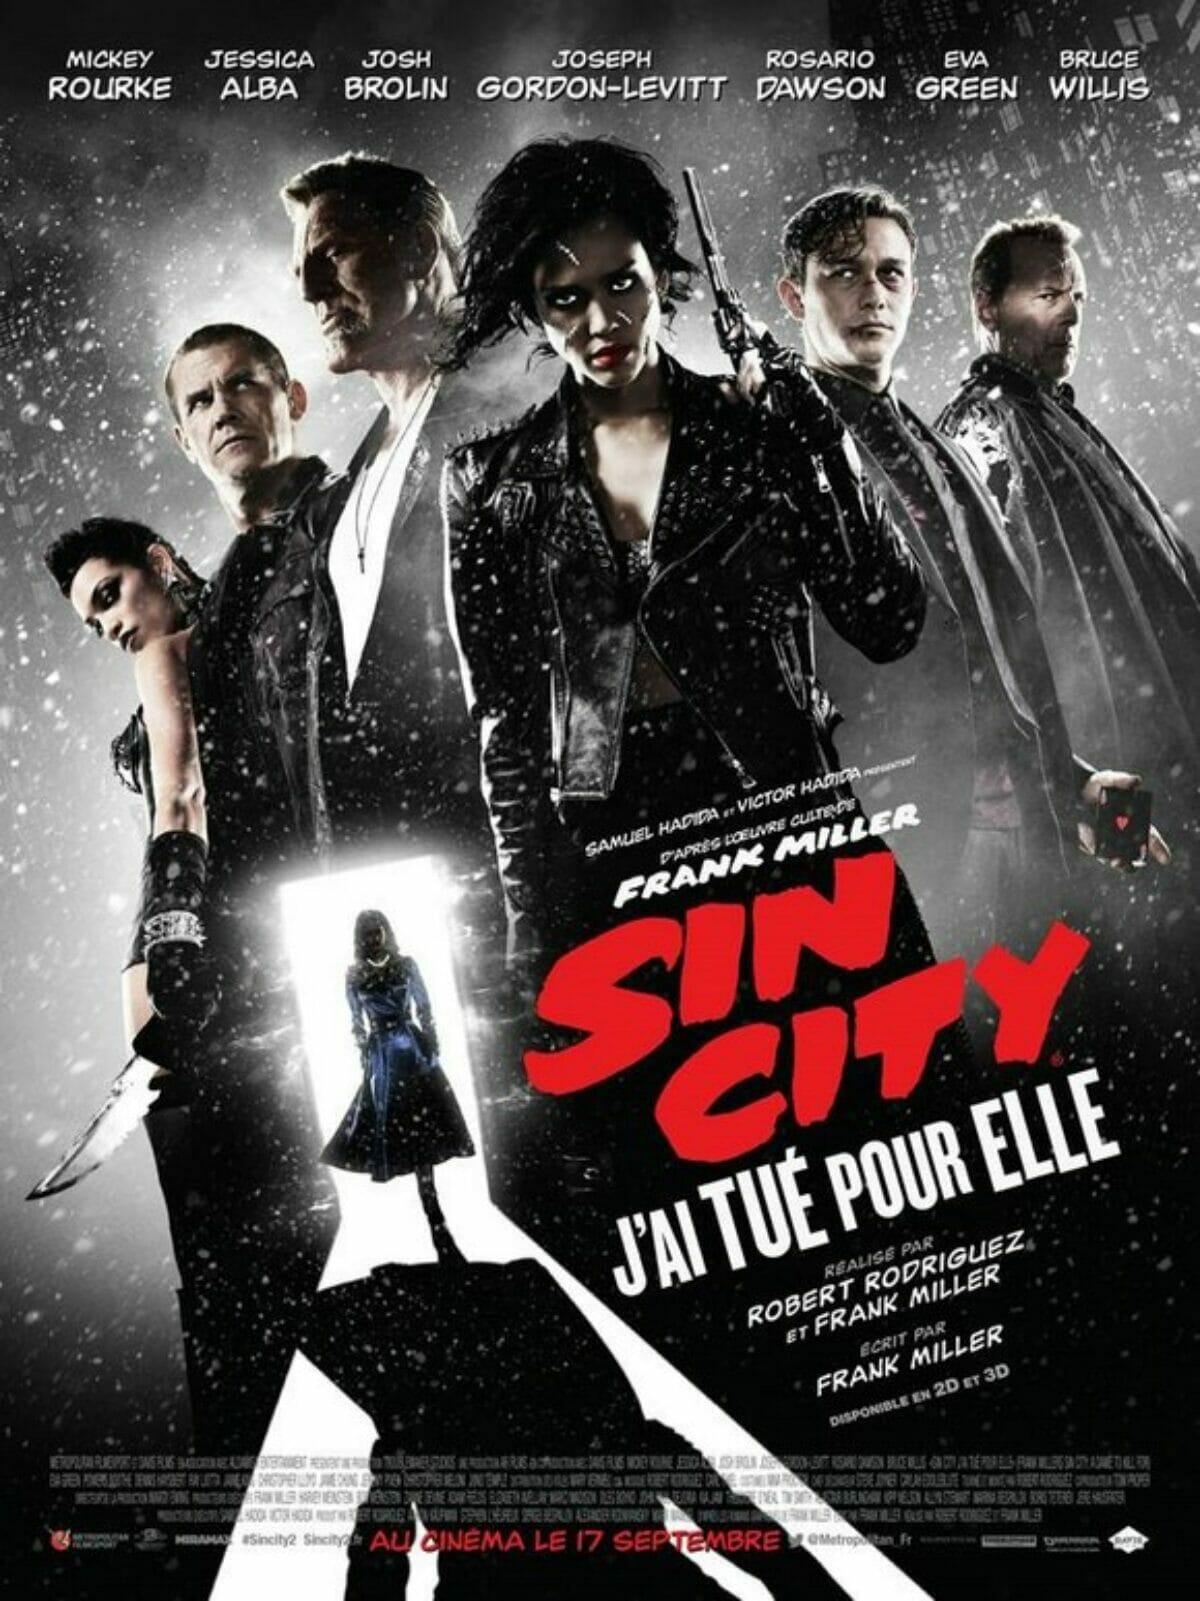 Sin-City2-jai-tué-pour-elle-affiche